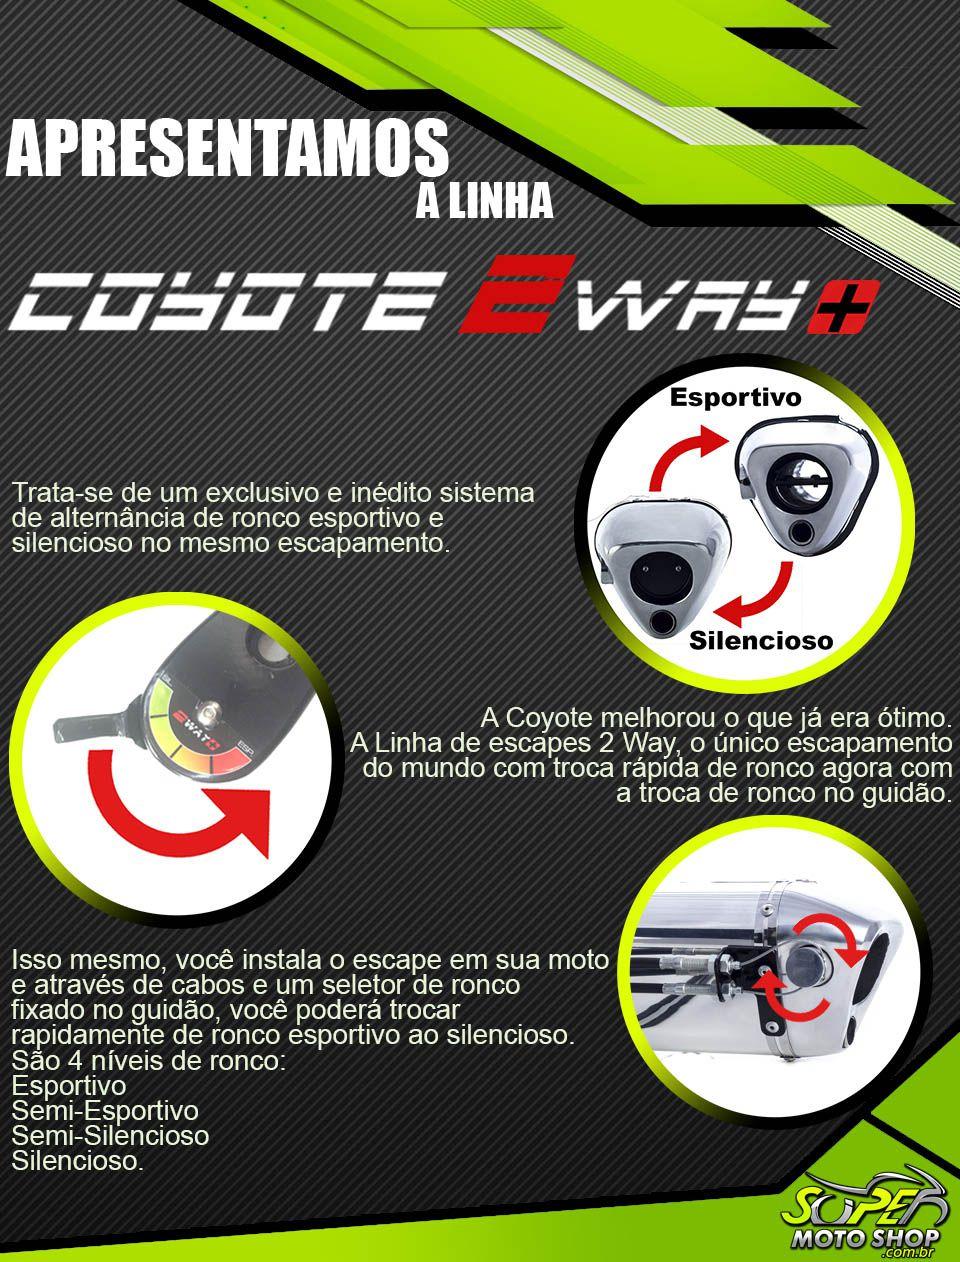 Escape / Ponteira Coyote Modelo TRS 2 Way + Mais em Alumínio - Z 750 - Kawasaki